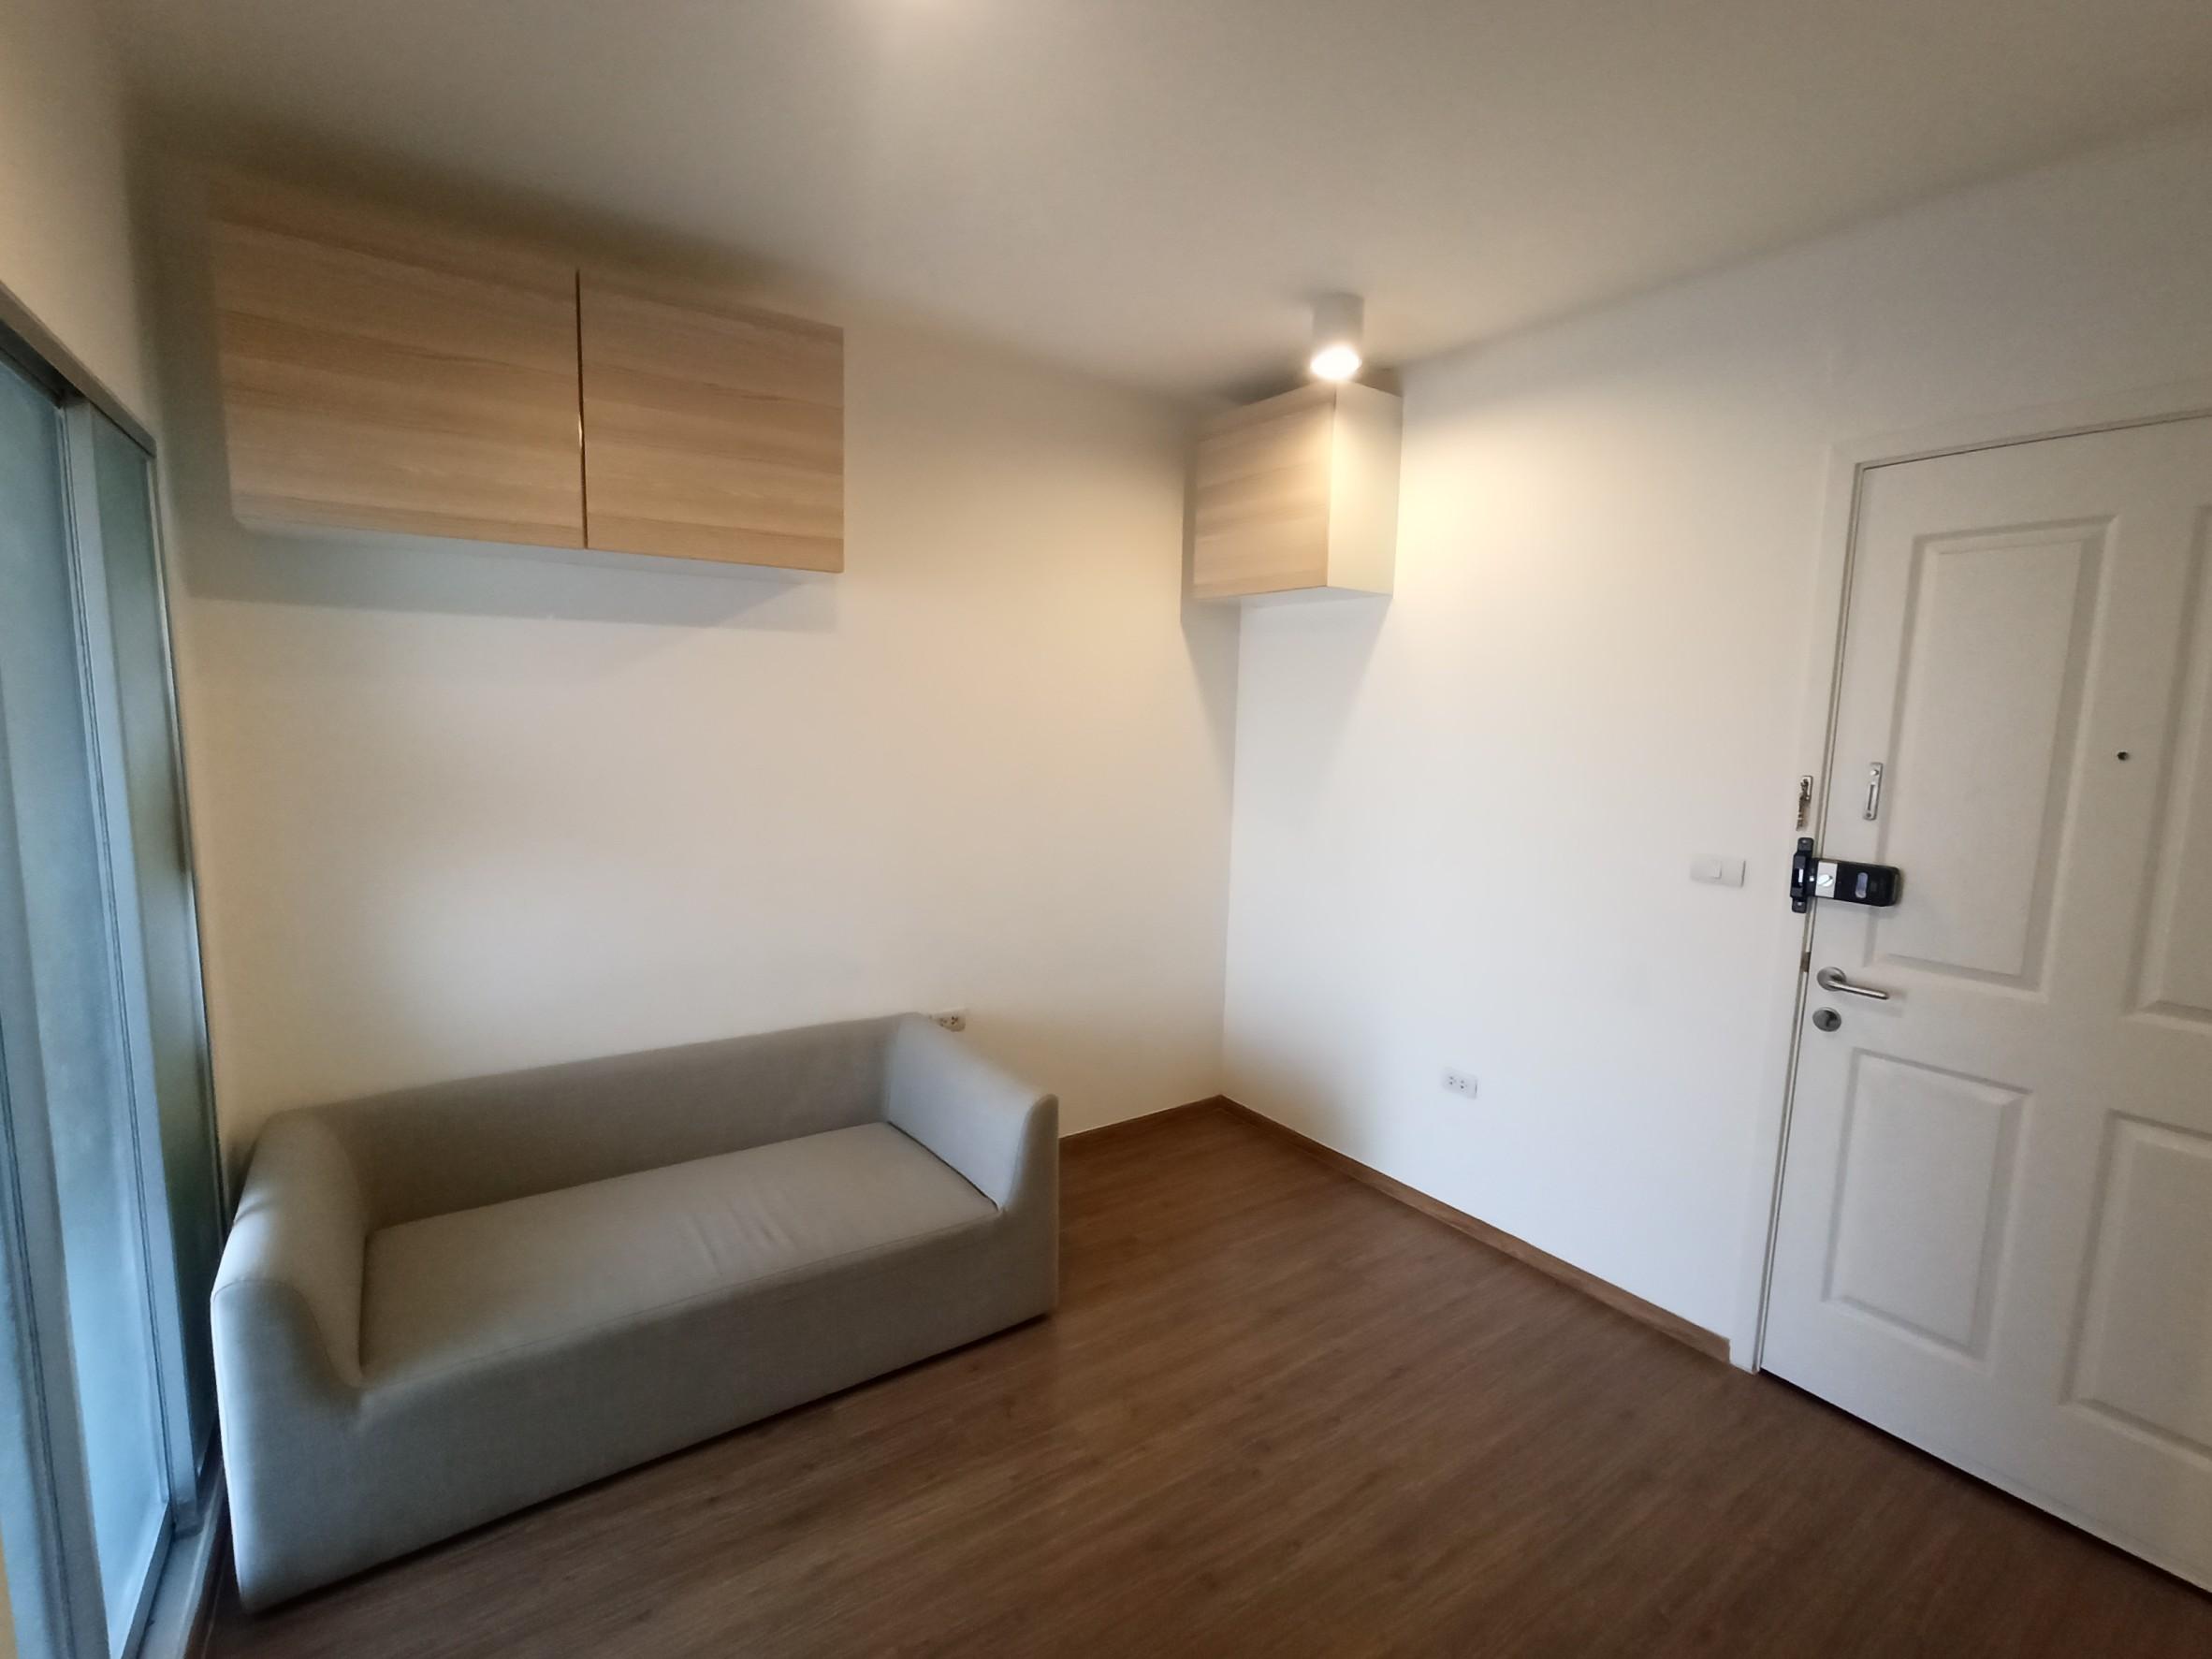 ภาพคอนโดต้องการขาย ยู ดีไลท์ @ ตลาดพลู สเตชั่น  ซอย รัชดาภิเษก 8  บุคคโล ธนบุรี 1 ห้องนอน พร้อมอยู่ ราคาถูก